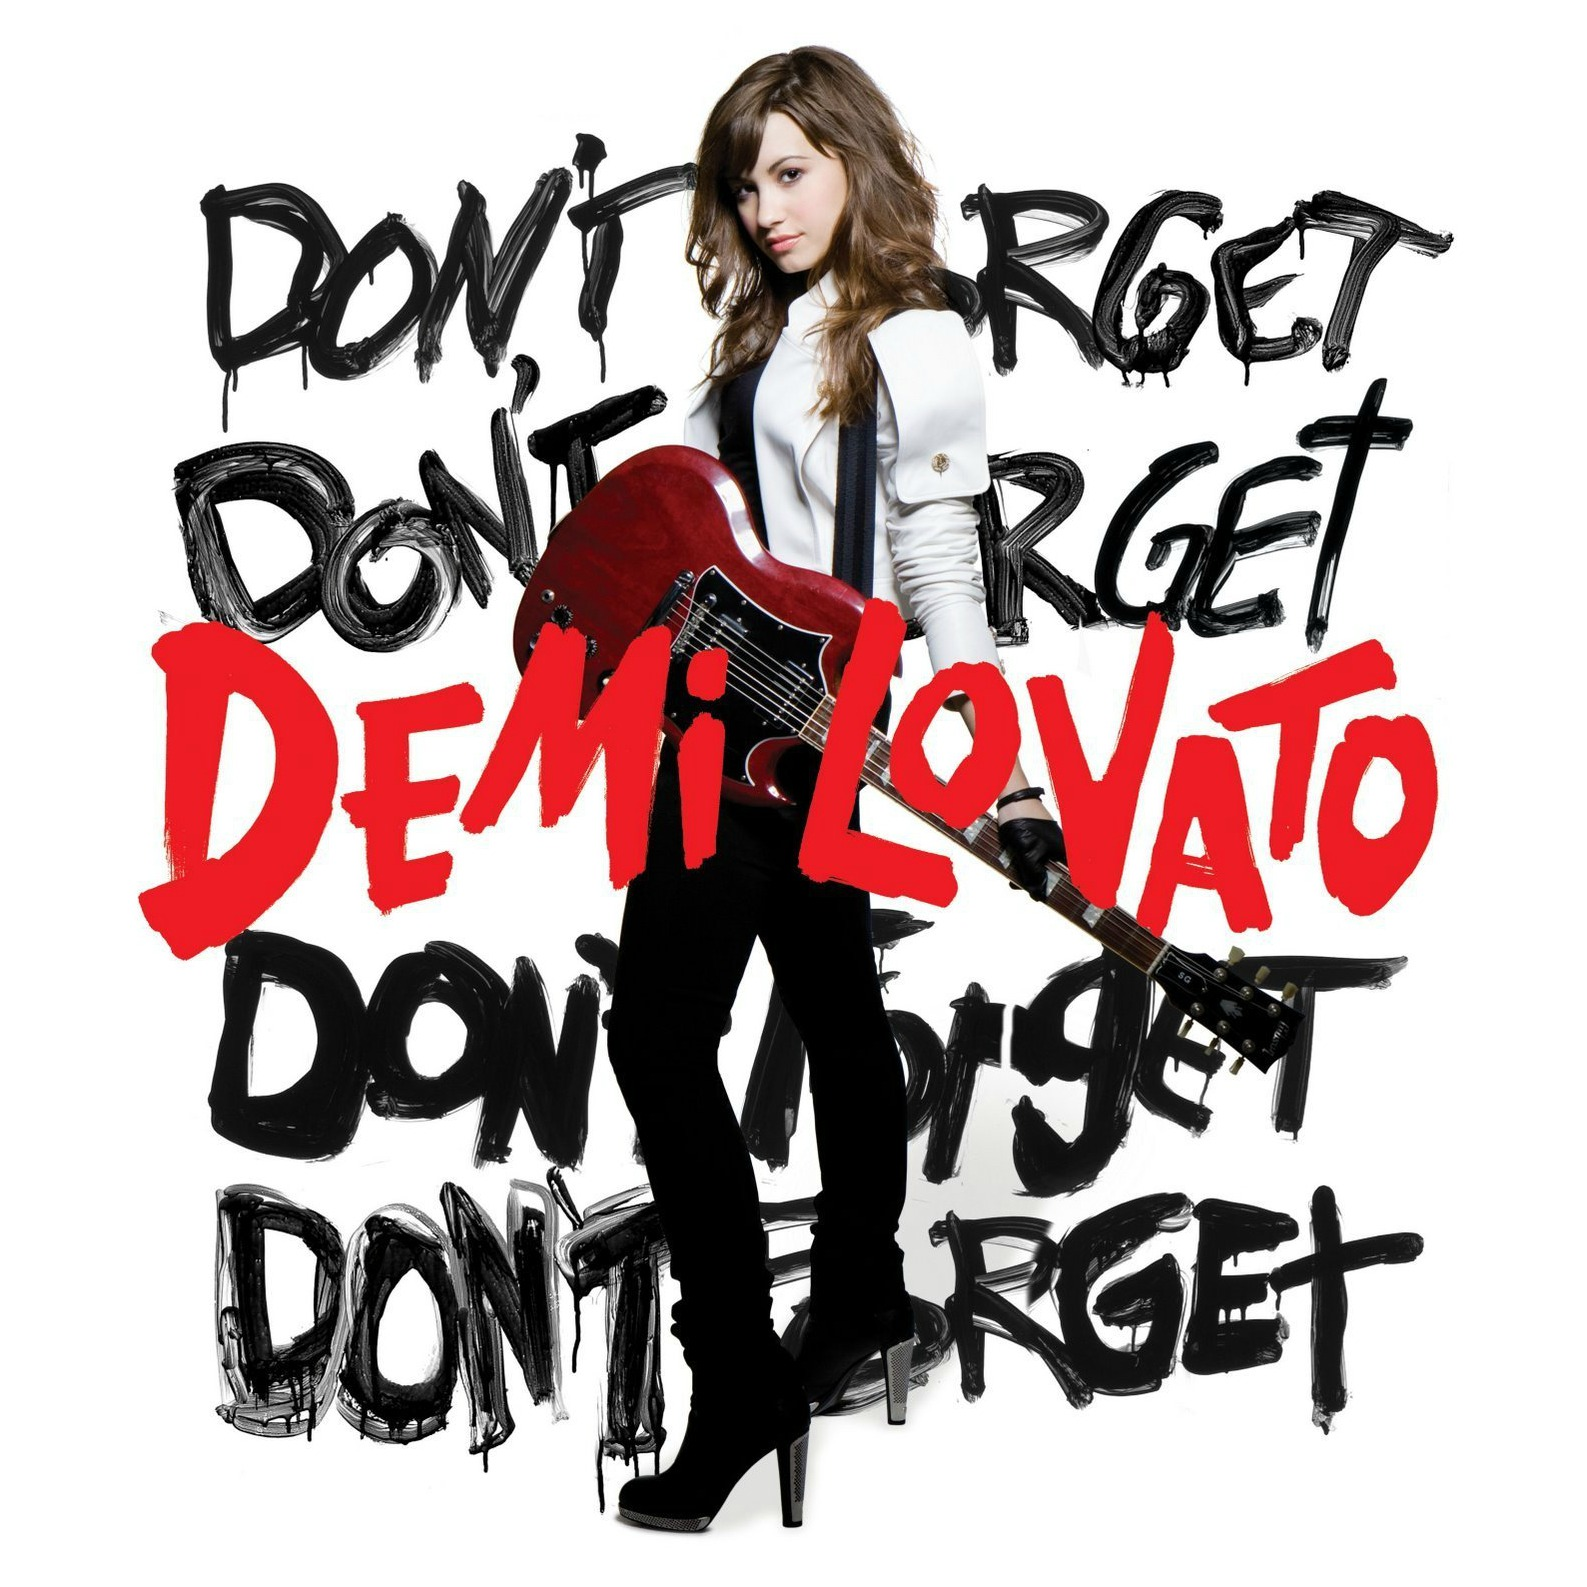 foto: 4 - Demi Lovato faz 26 anos. Reveja aqui algumas curiosidades